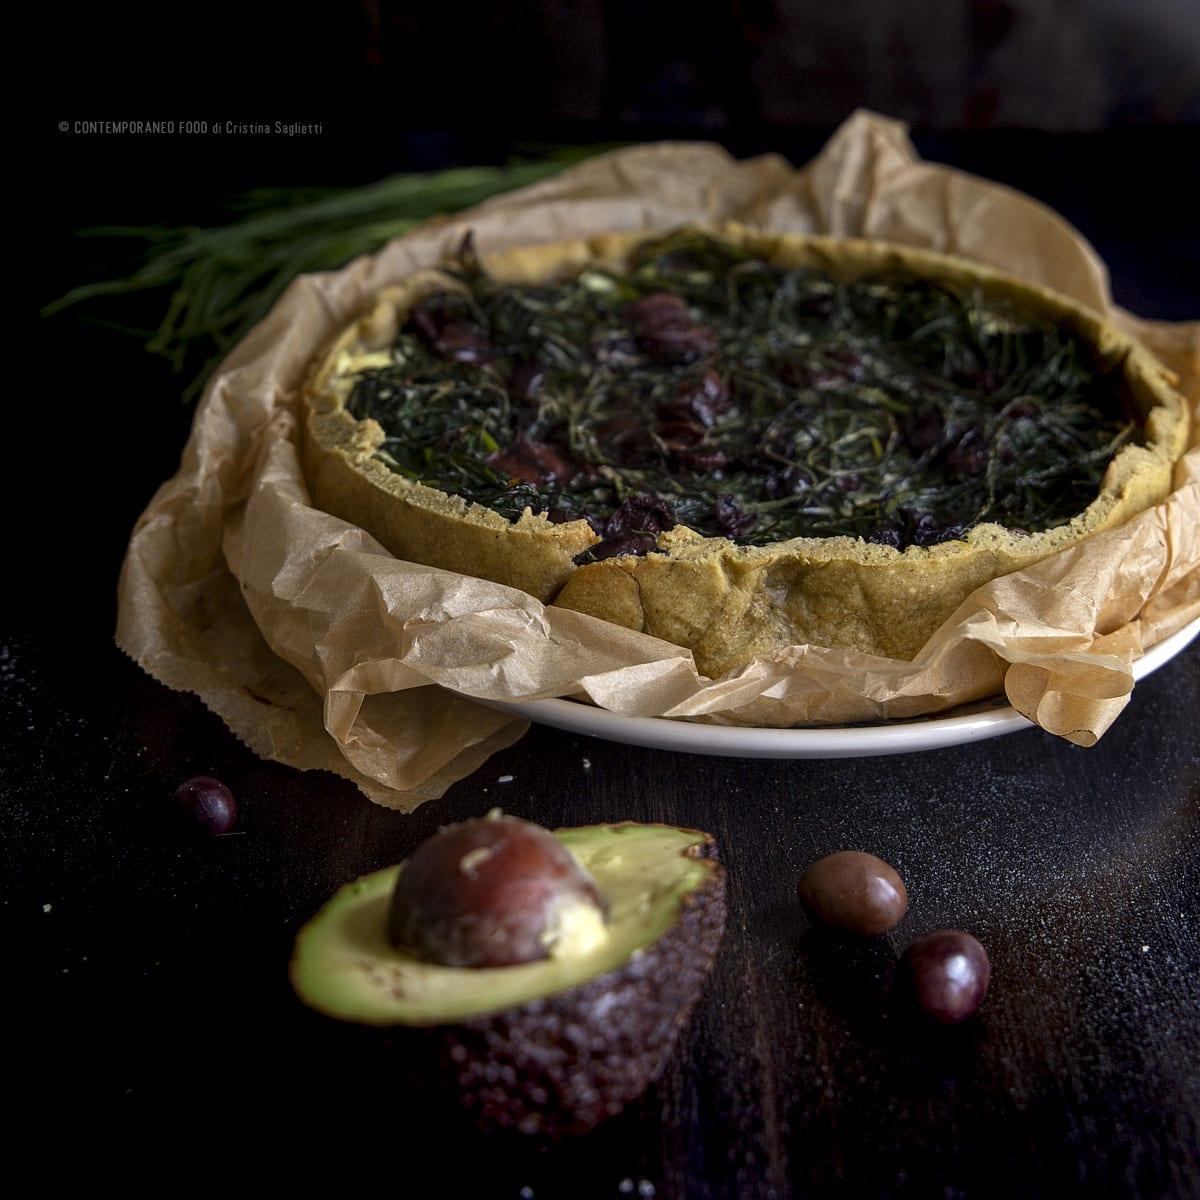 torta-salata-con-brisé-di-avocado-con-mascarpone-agretti-antipasto-contemporaneo-food